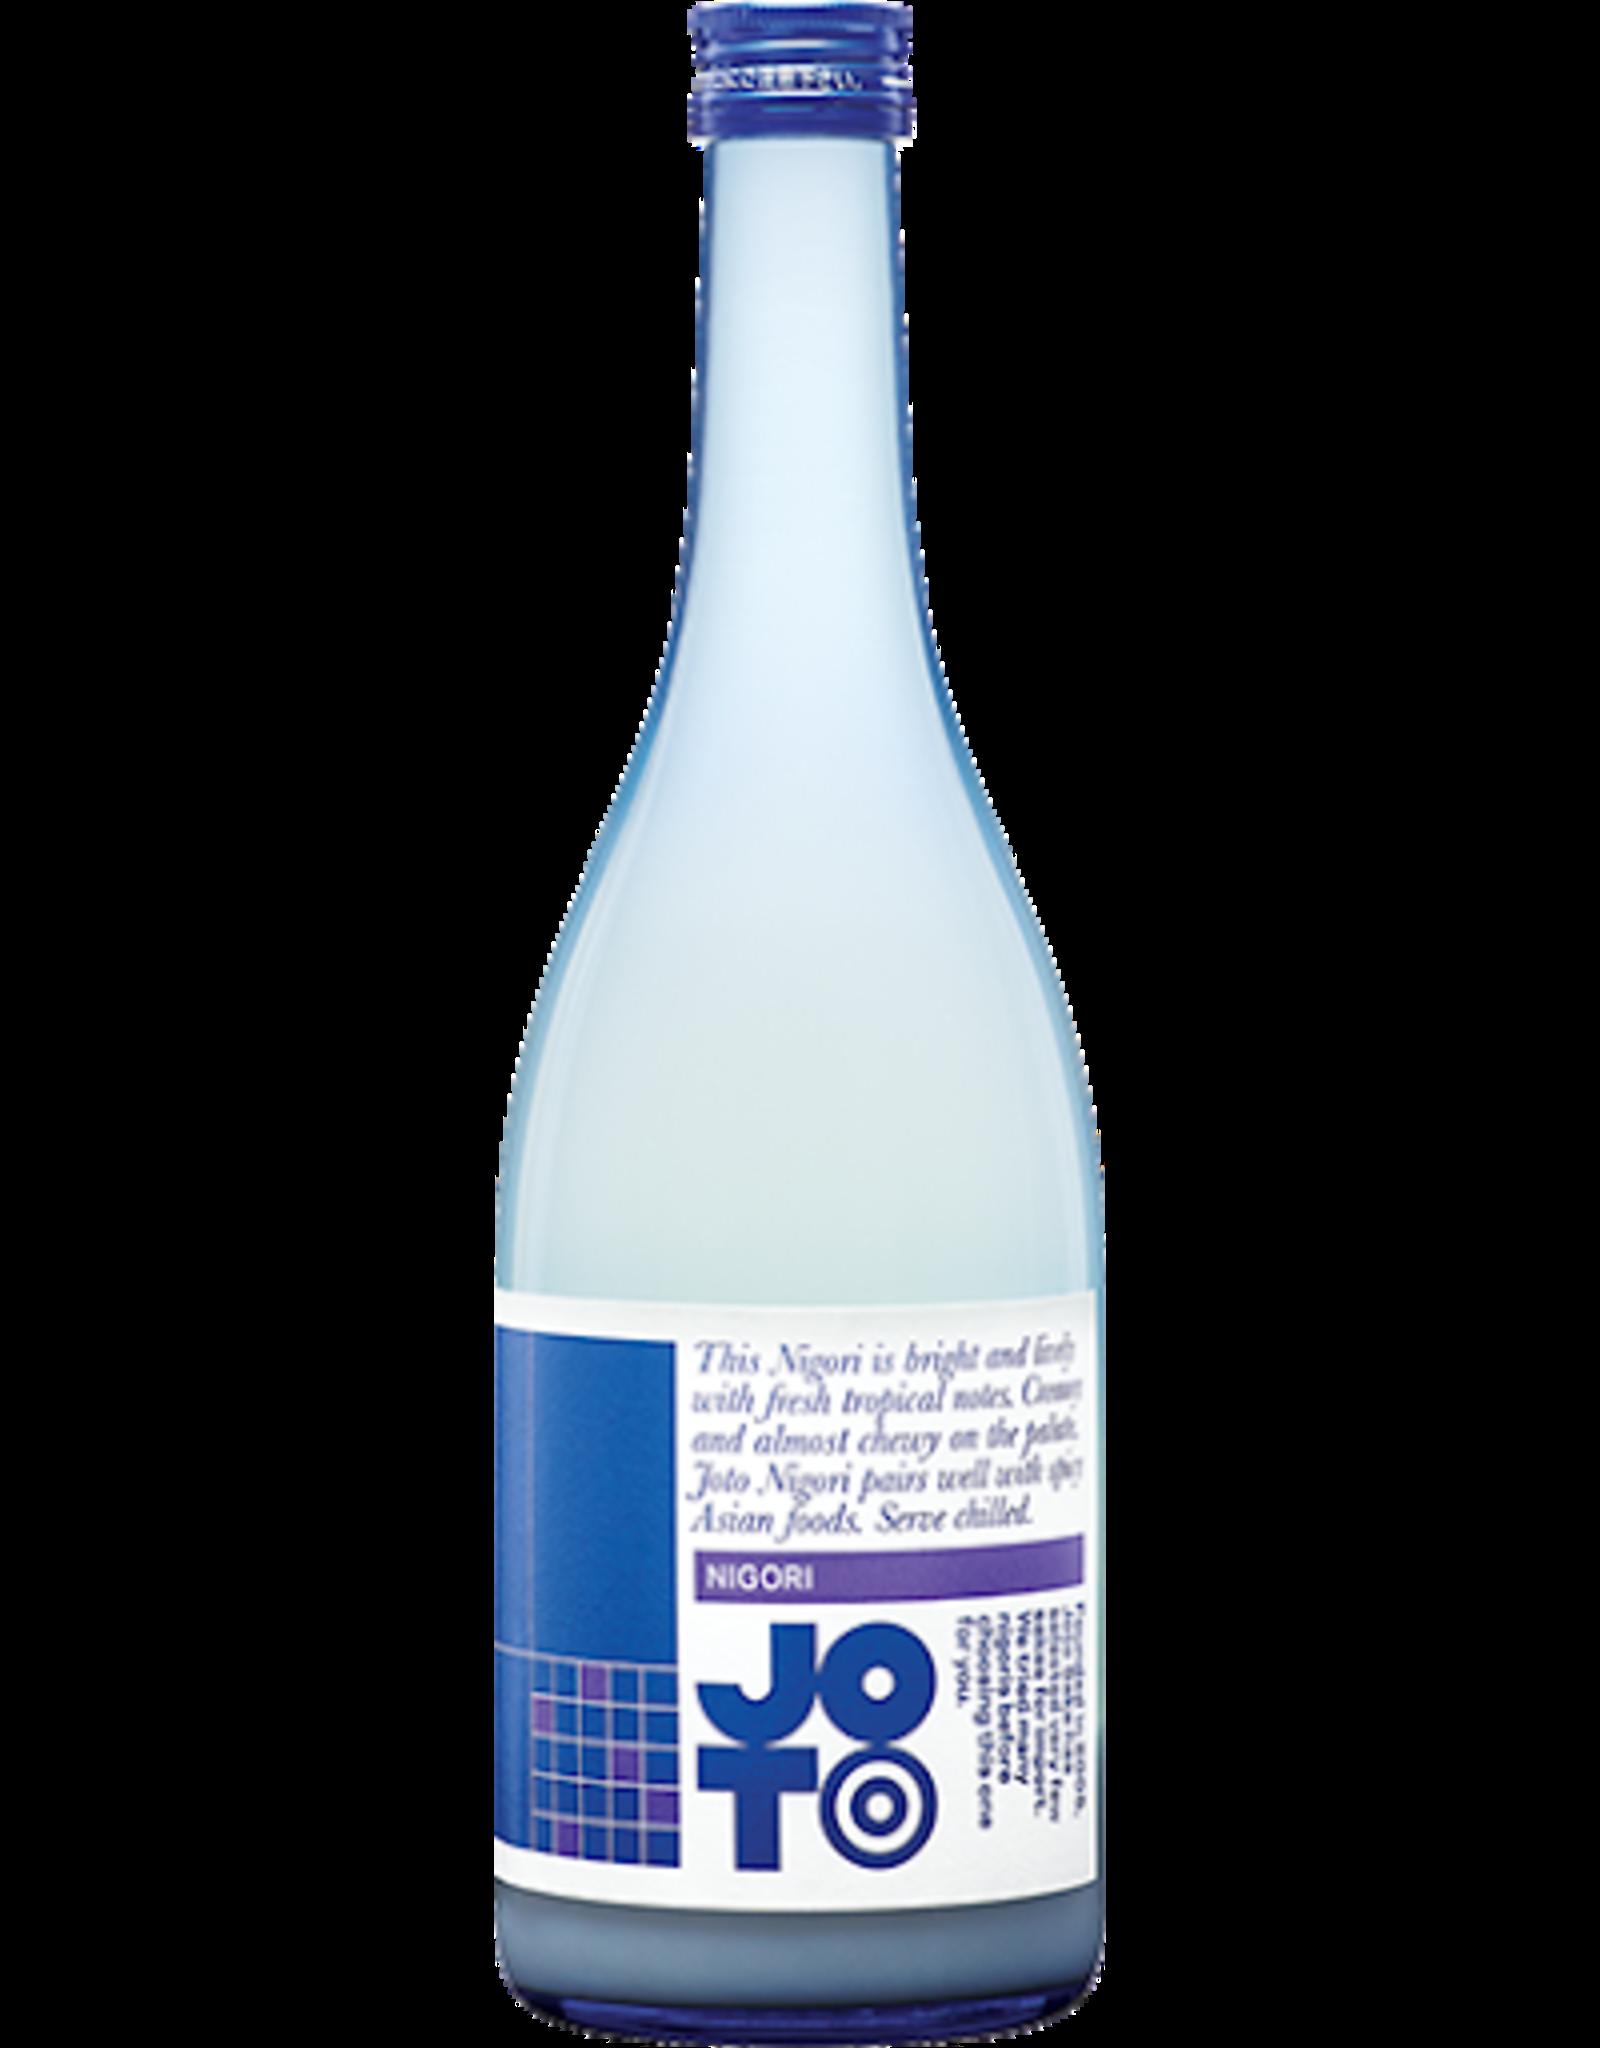 Joto Nigori Blue Sake